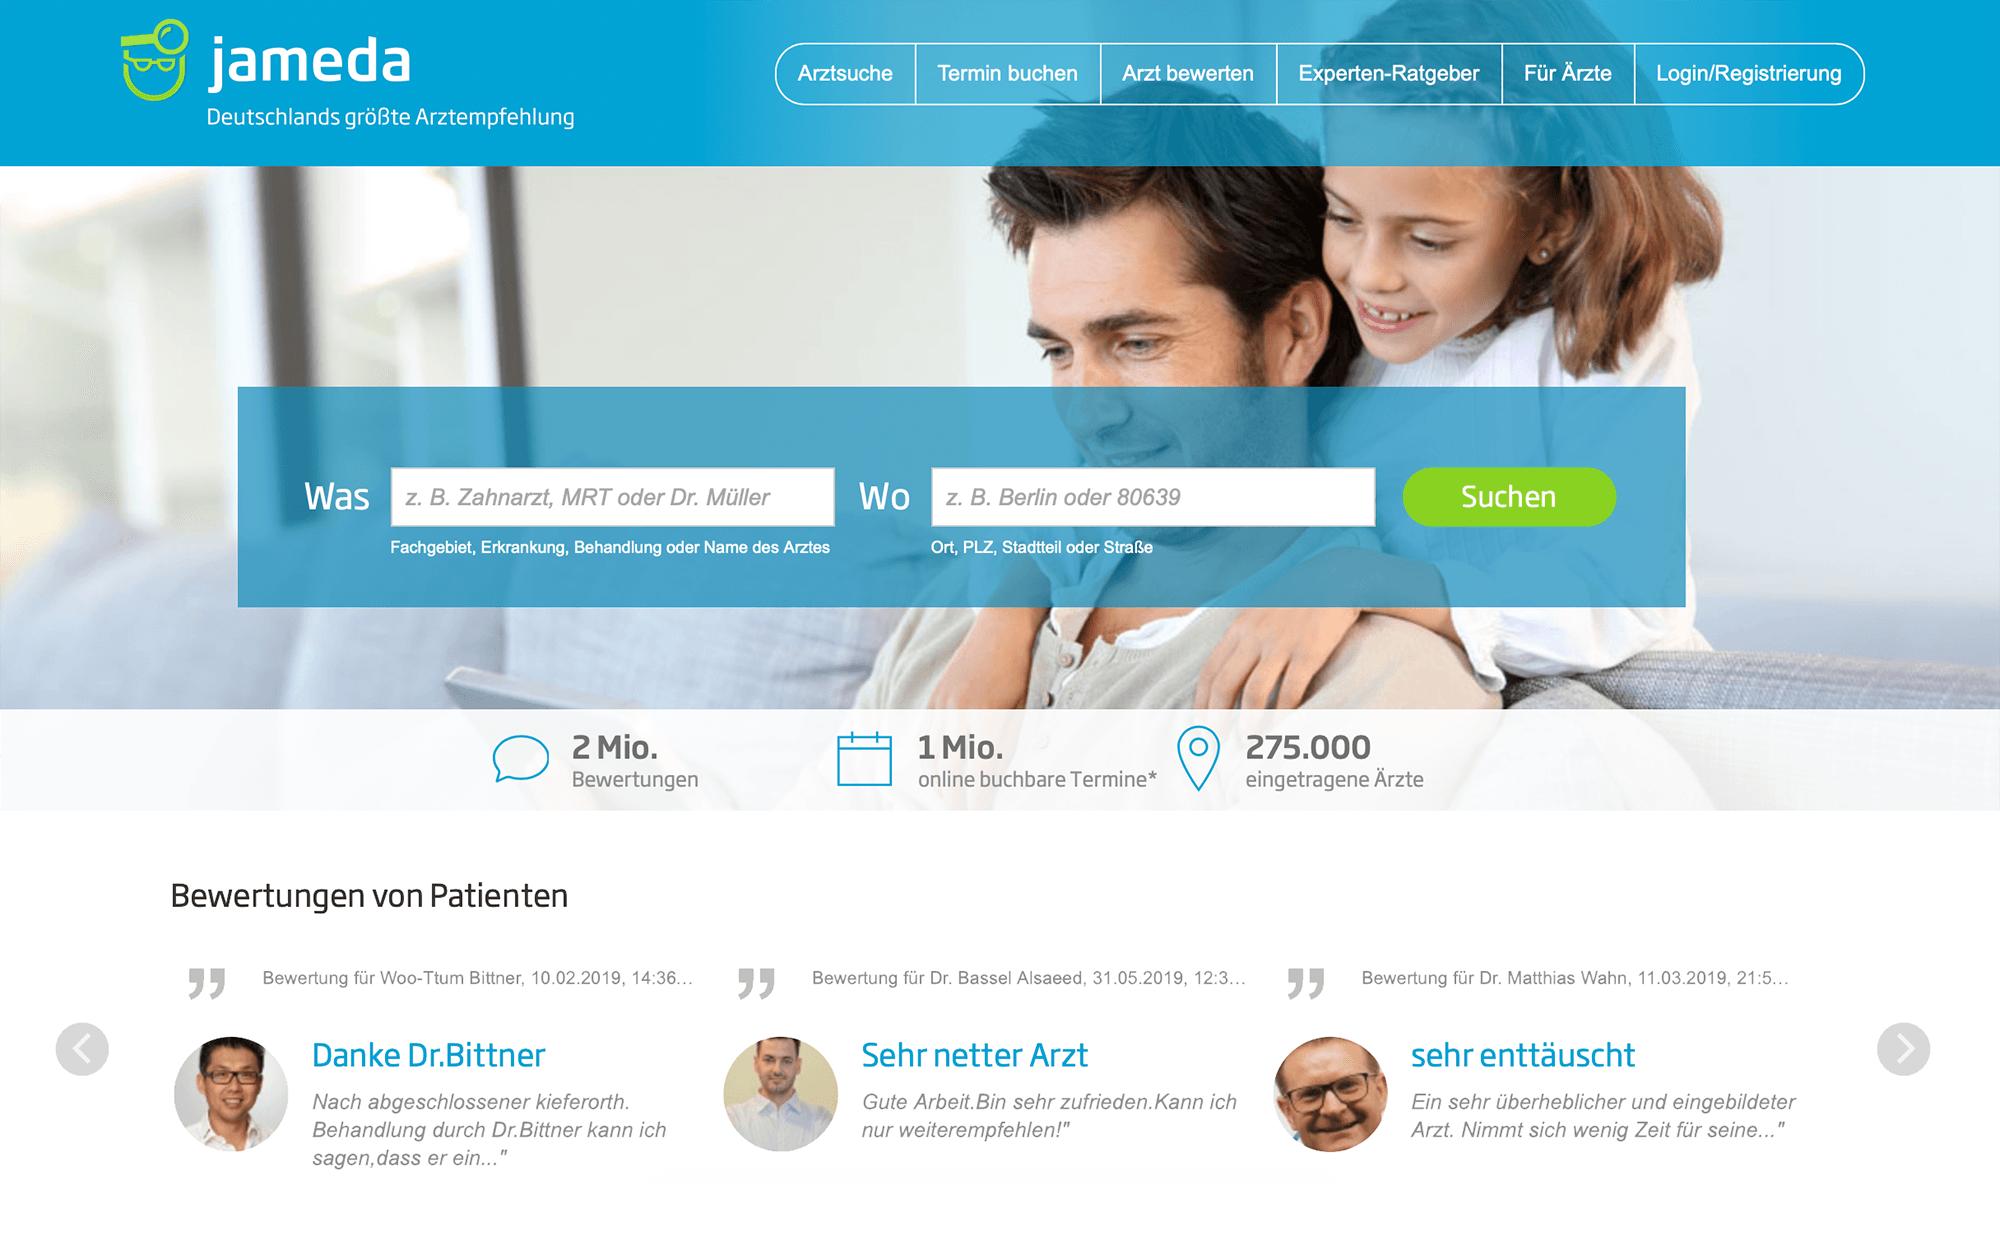 Jameda — самый популярный в Германии сайт по поиску врачей. Там можно посмотреть как данные врача, так и его рейтинг, а также комментарии от пациентов. С онлайн-записью работают единицы клиник — в 99% случаев надо звонить